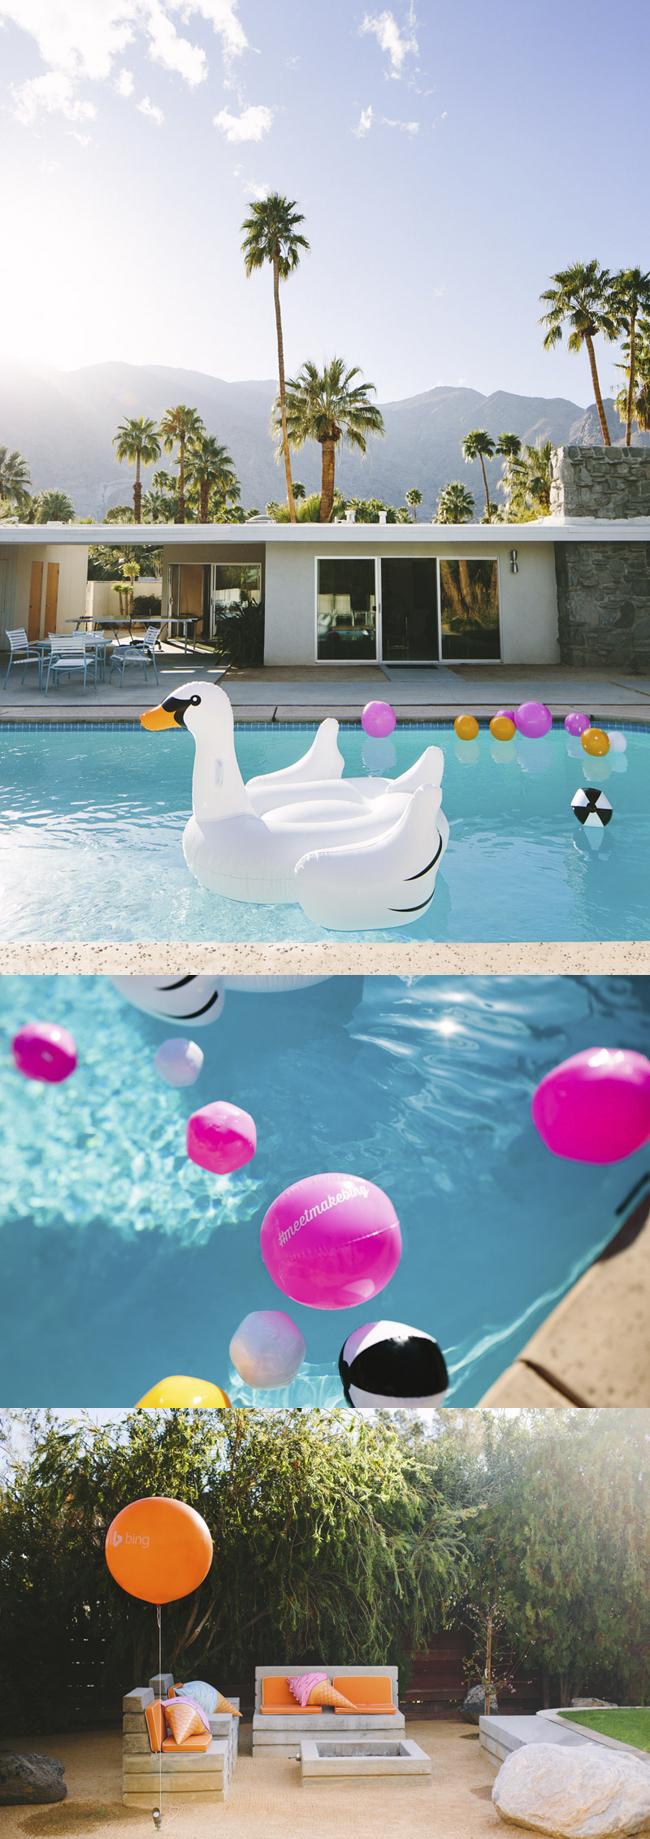 Meet Make Do Palm Springs